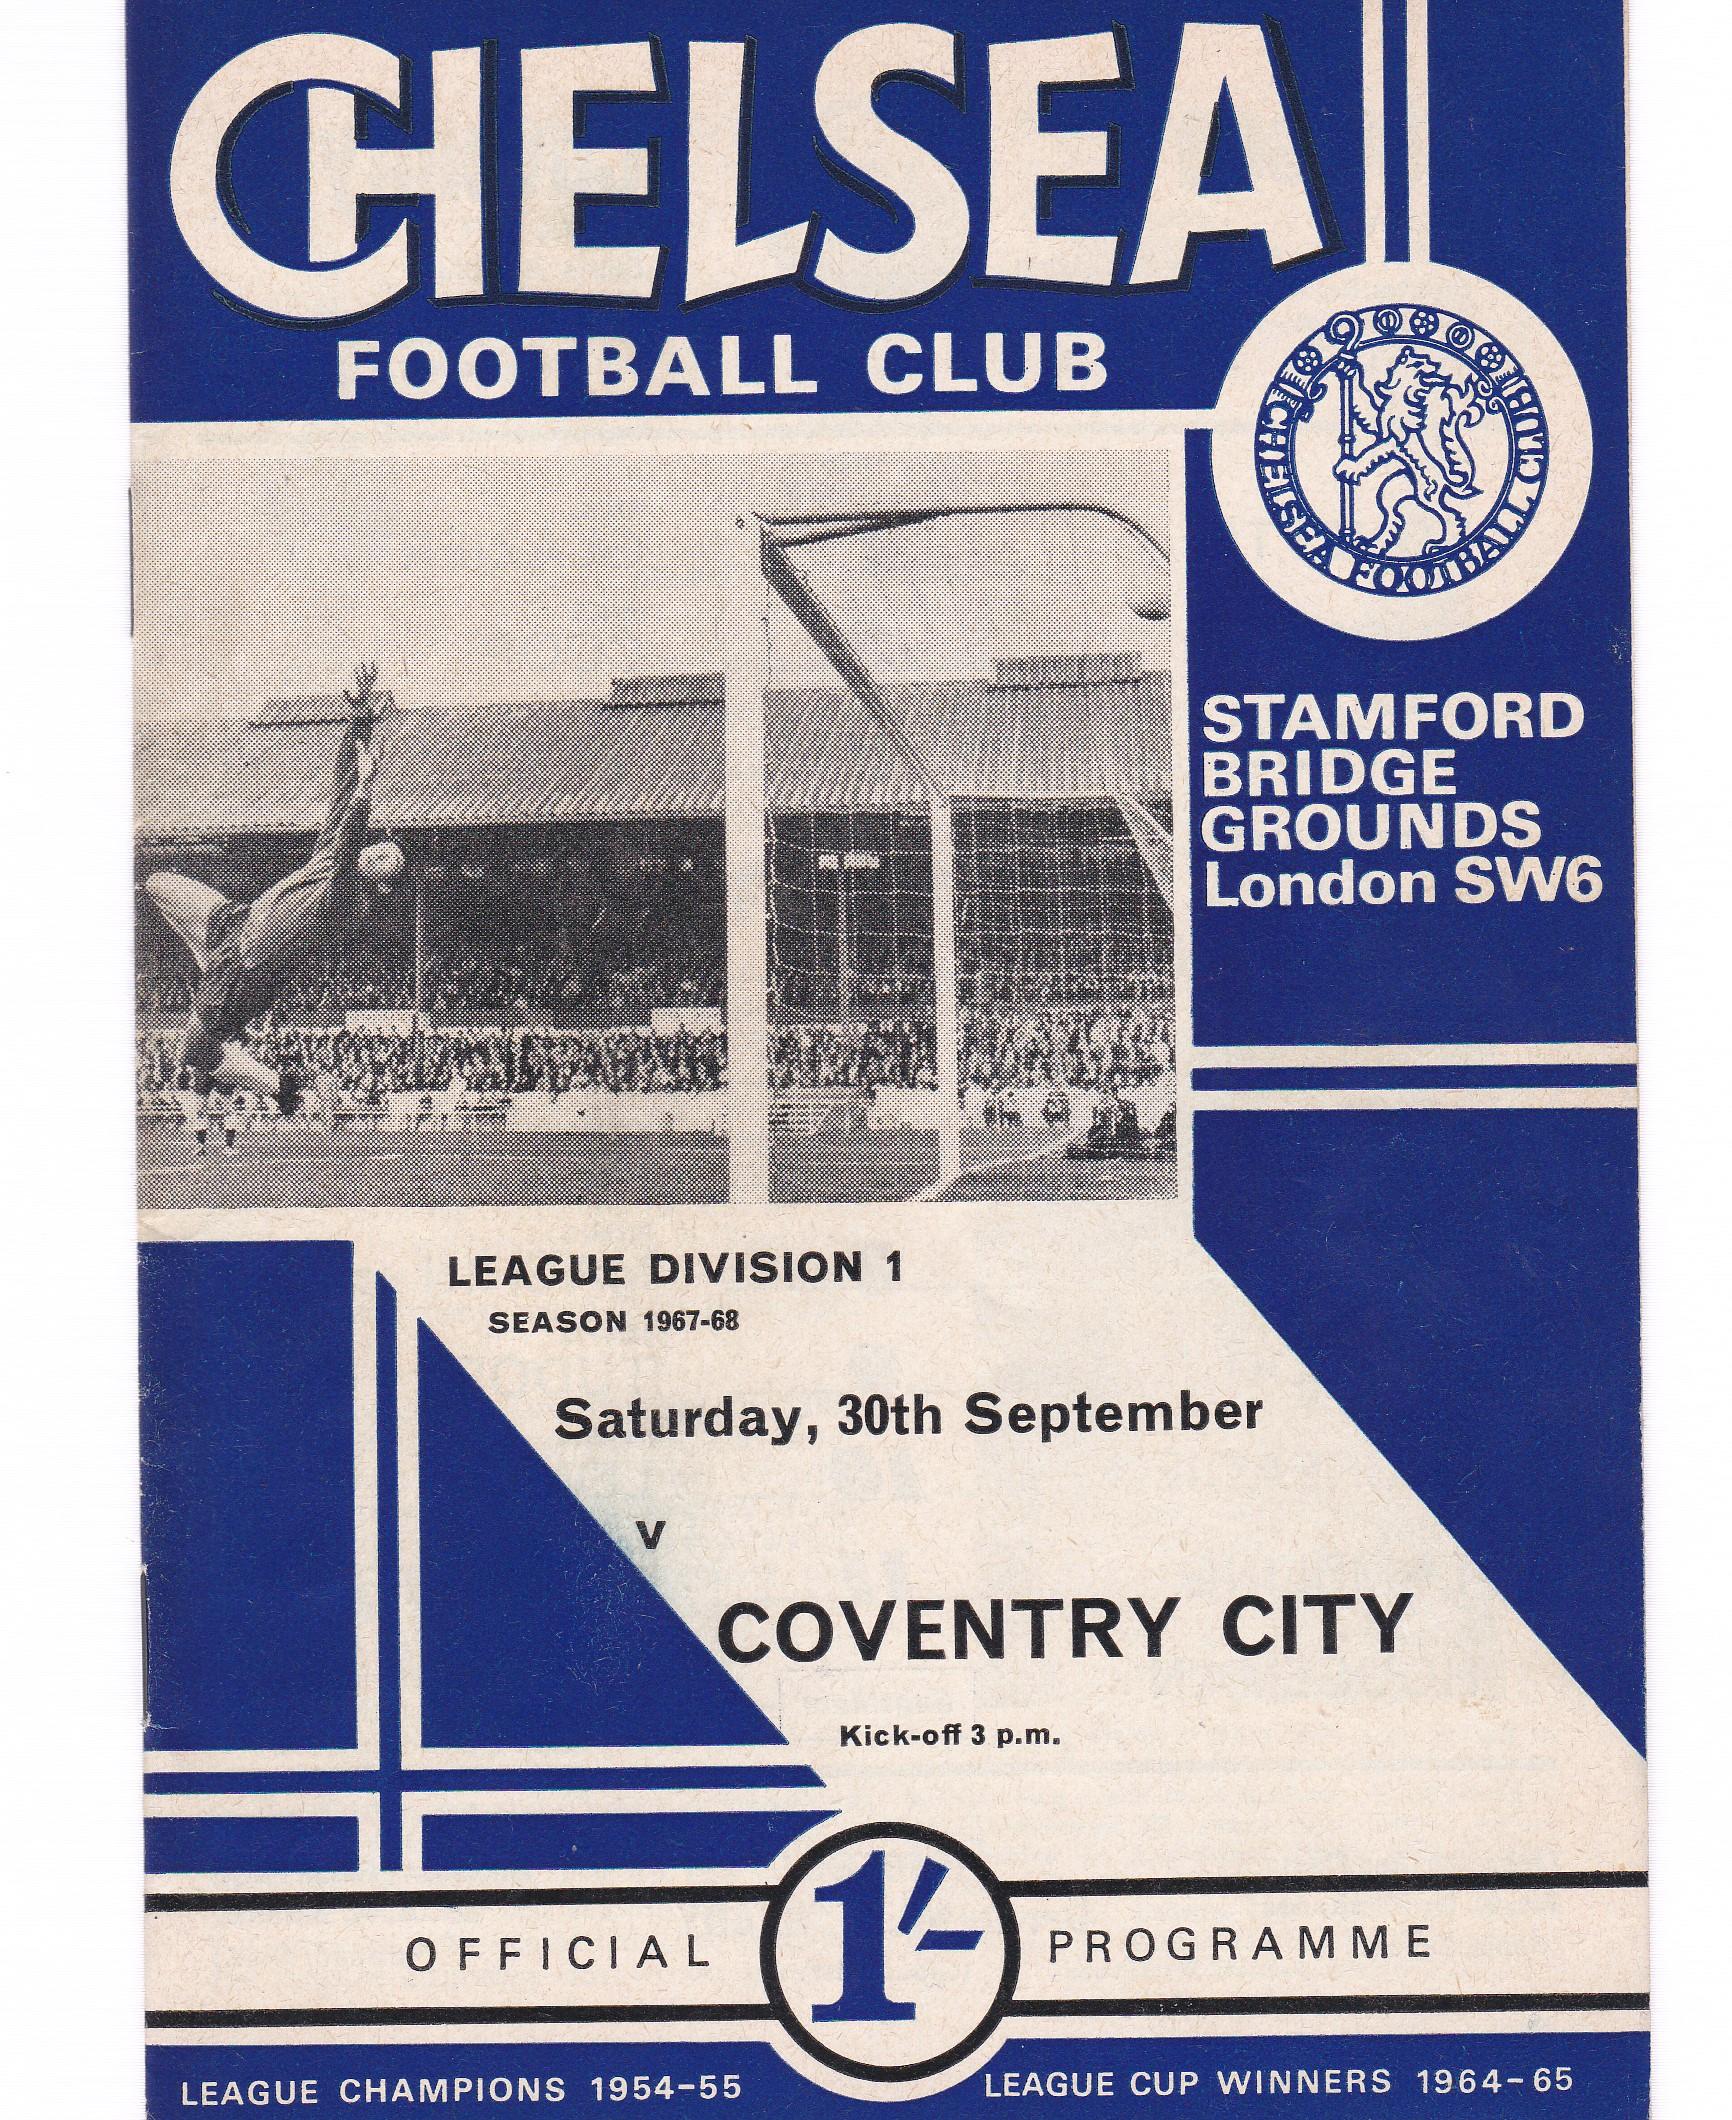 Chelsea v Coventry City 1967 September 30th League